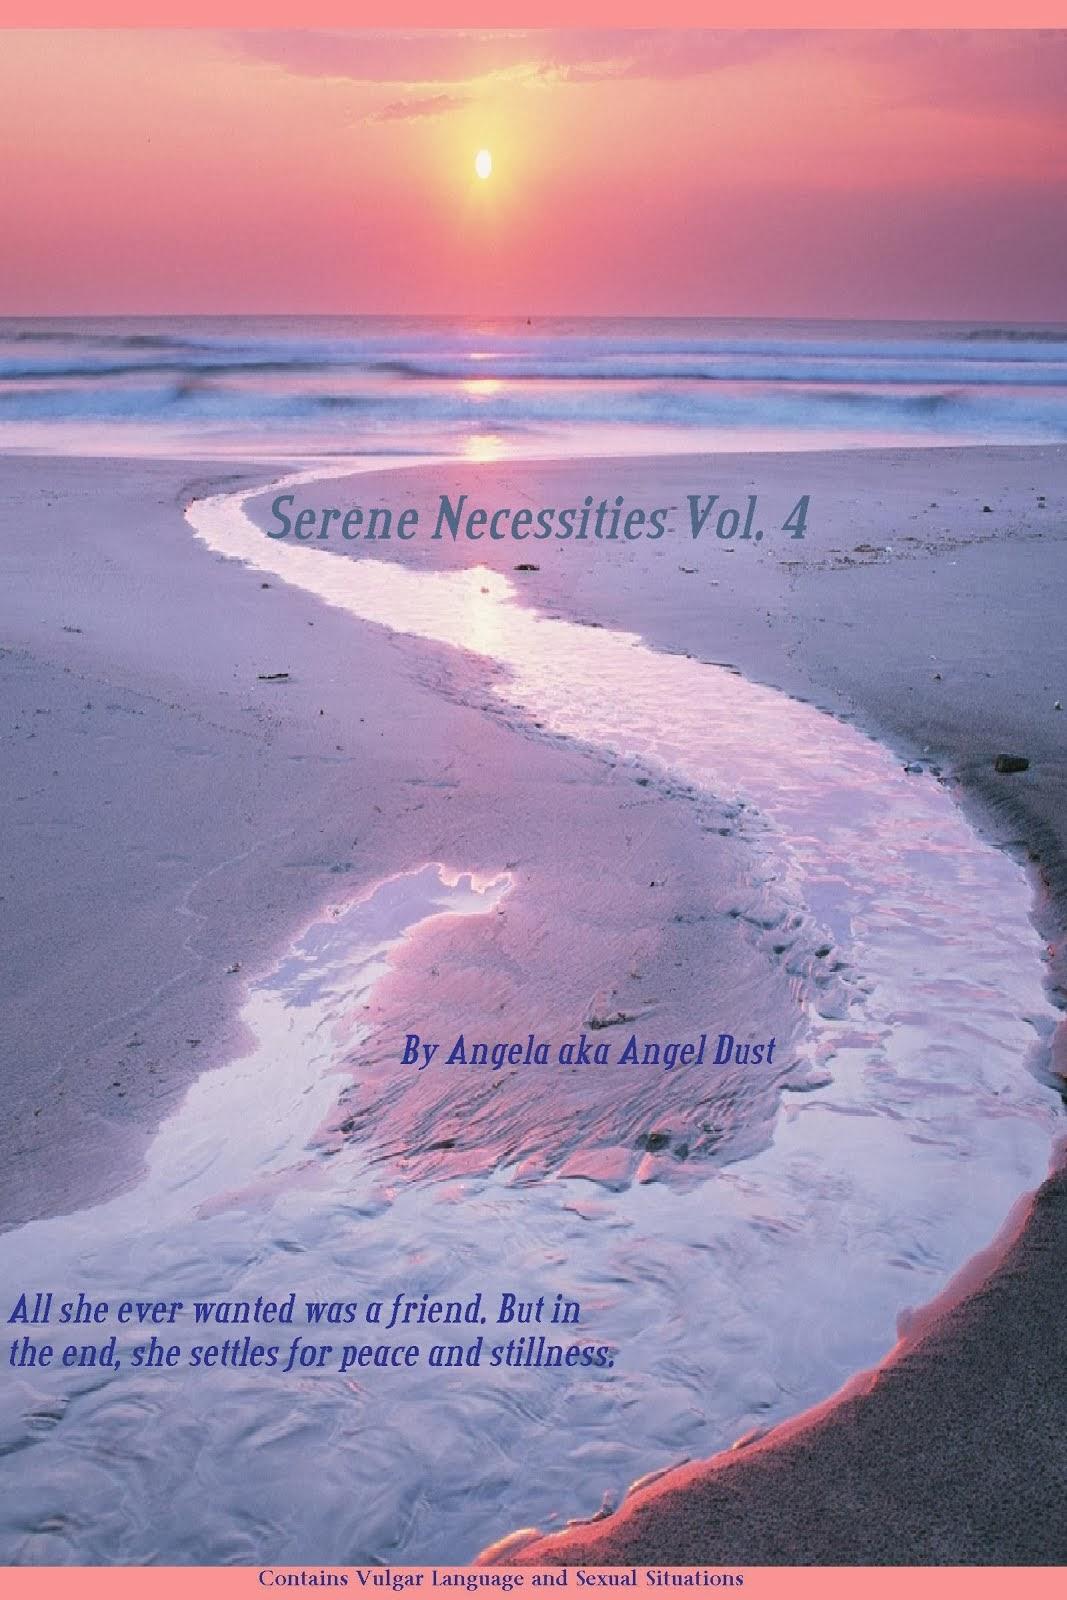 Serene Necessities Vol. 4